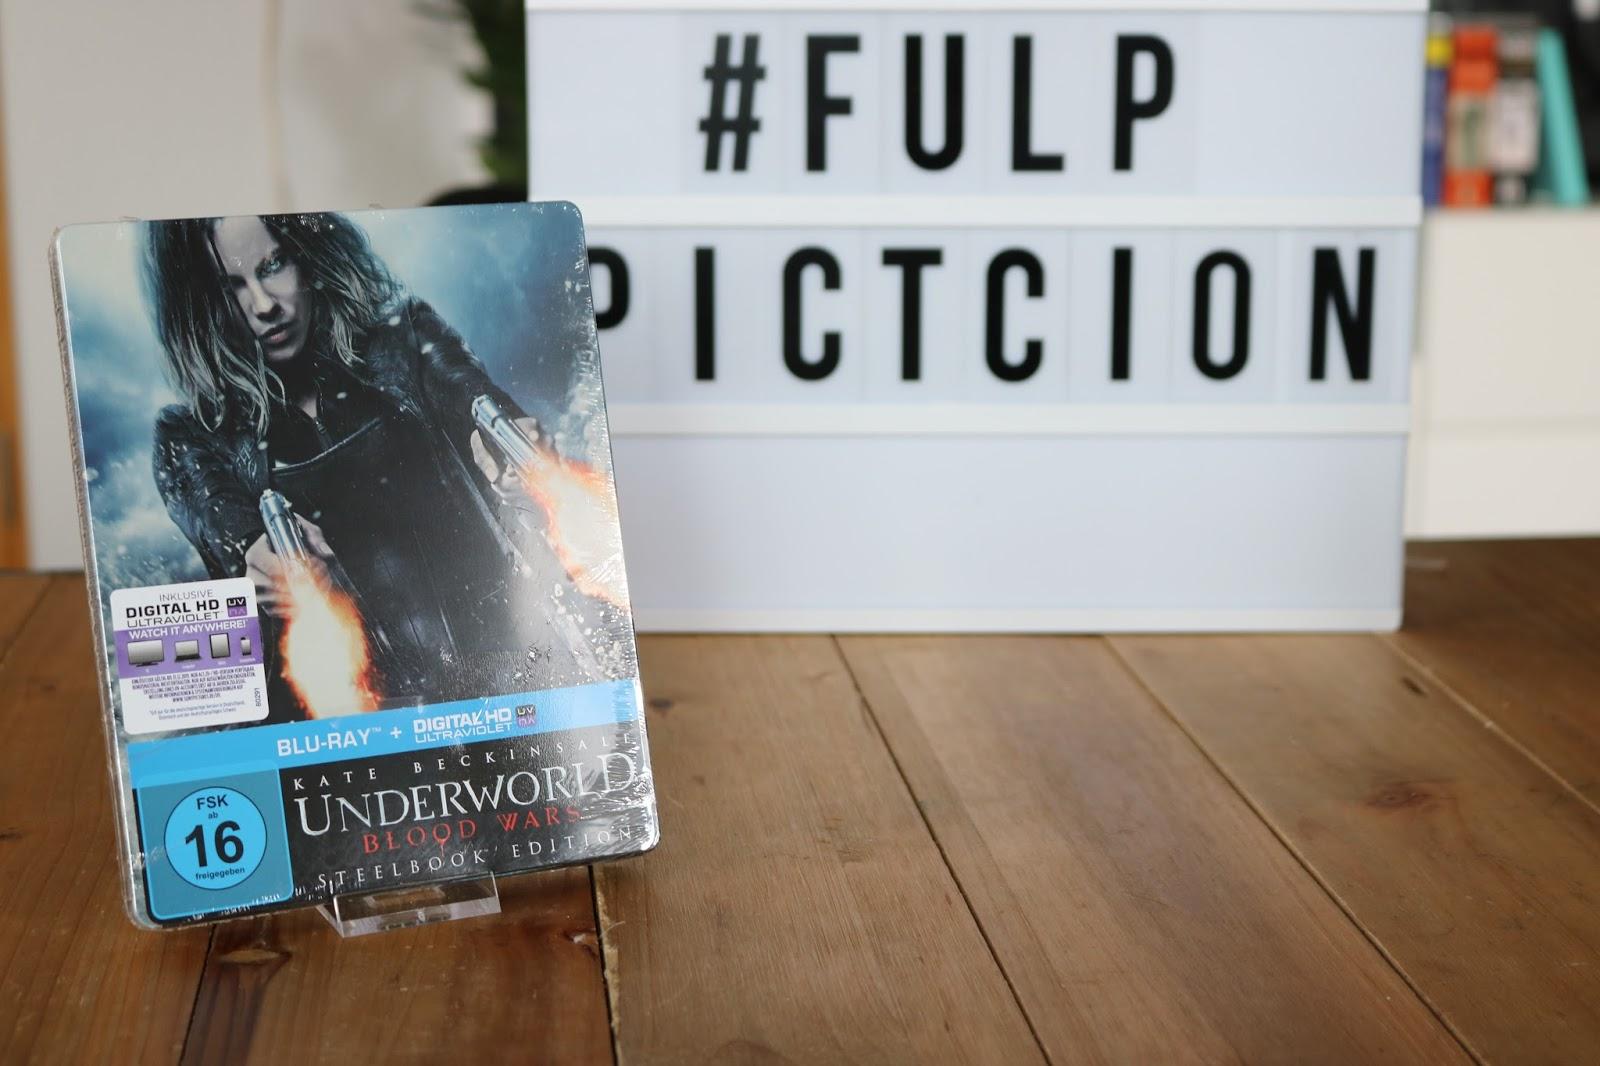 Underworld Blood Wars Fulp Piction